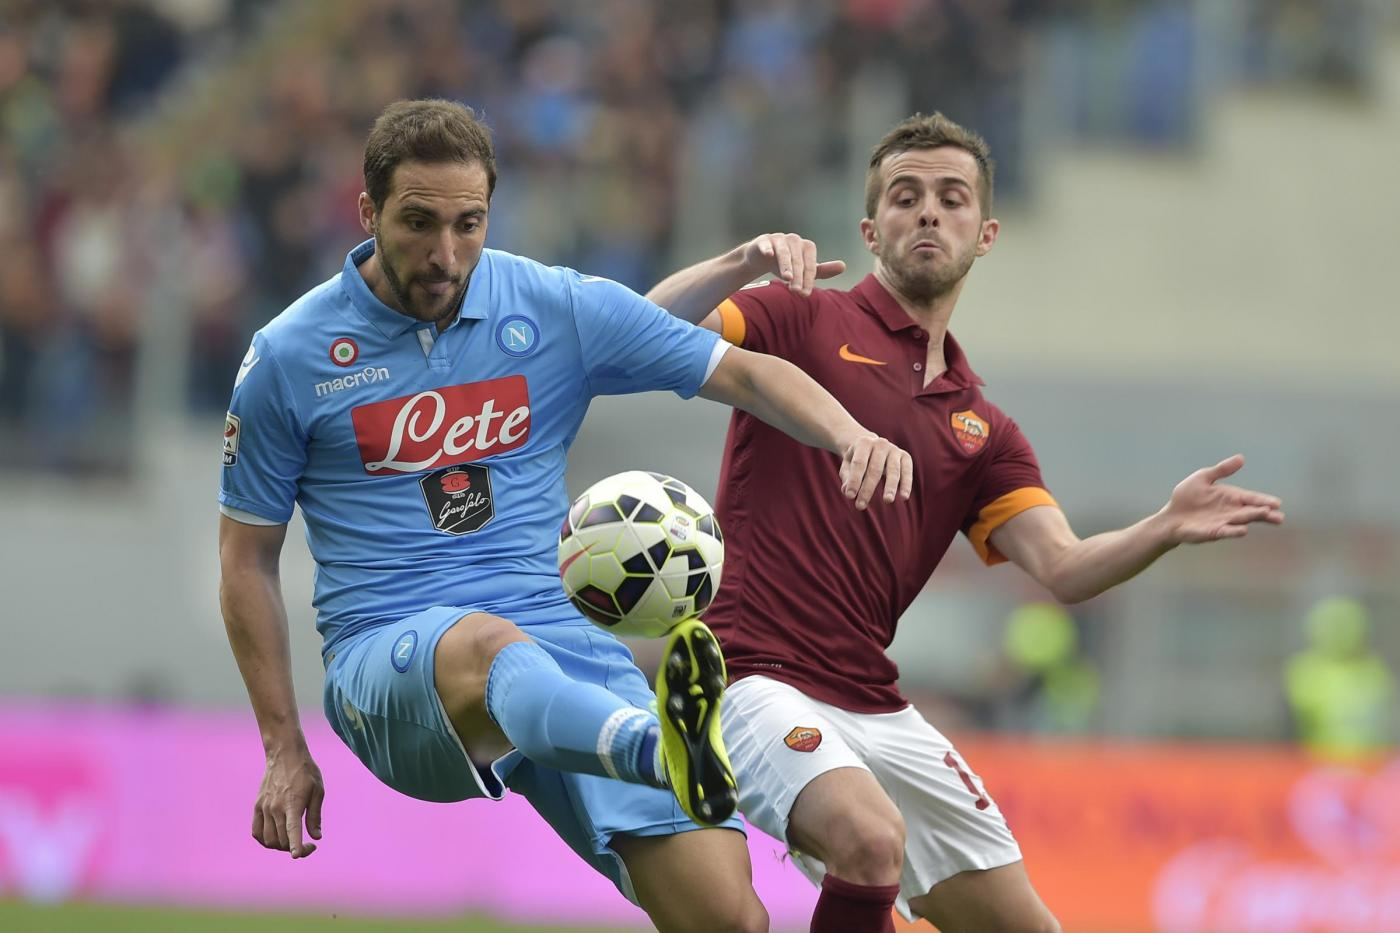 Roma batte Napoli 1-0 e ritorna alla vittoria che mancava dal 30 novembre